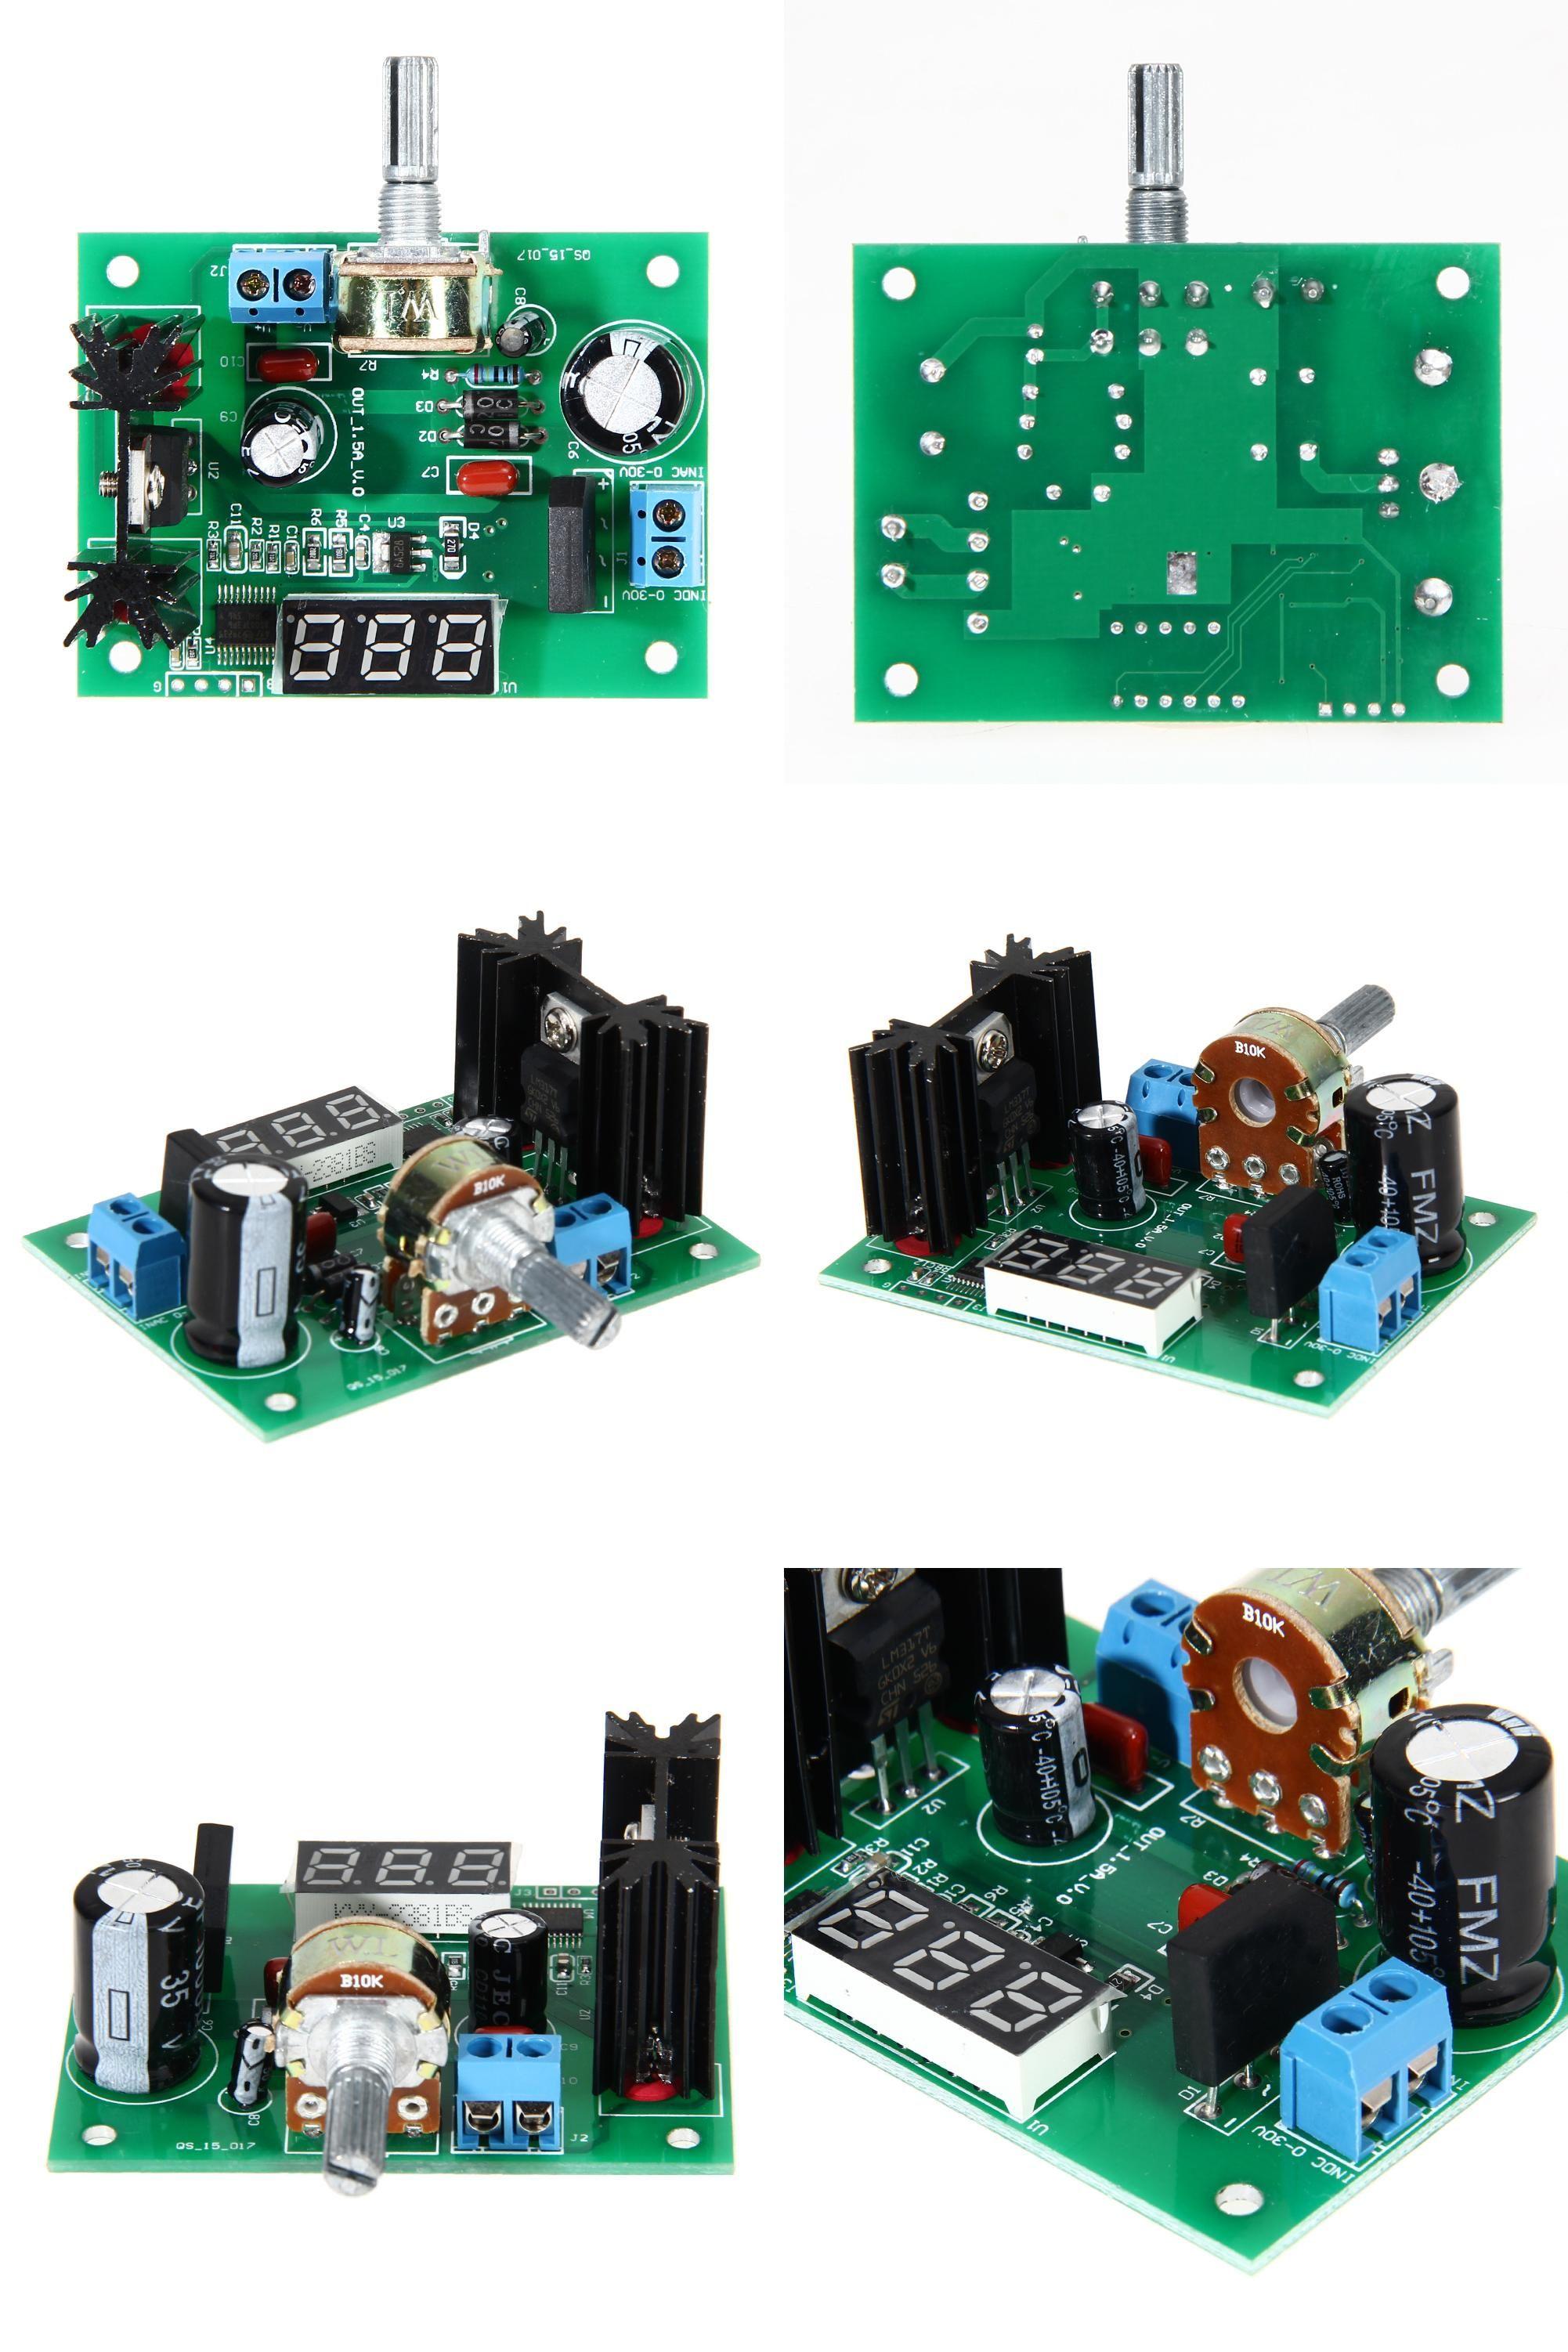 visit to buy lm317 ac dc adjustable voltage regulator step down rh pinterest com au 317 Voltage Regulator Circuit LM317 Voltage Regulator Calculator